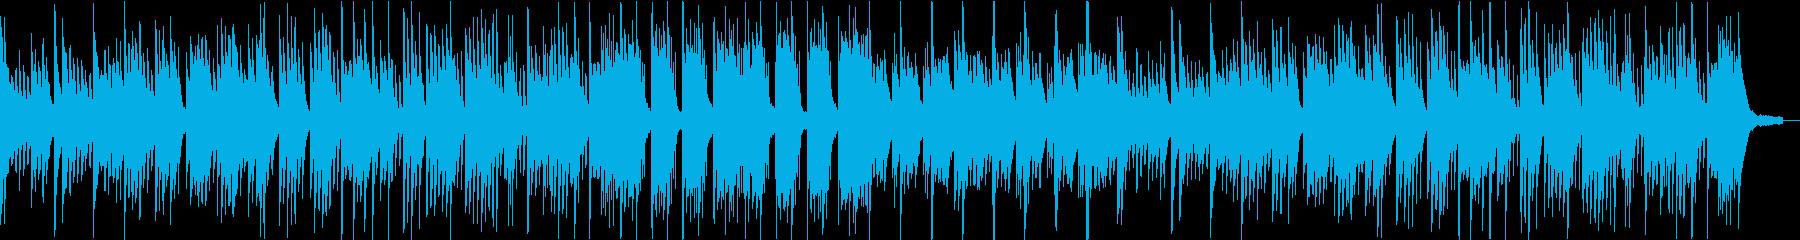 インパクトの少ないピアノ曲の再生済みの波形